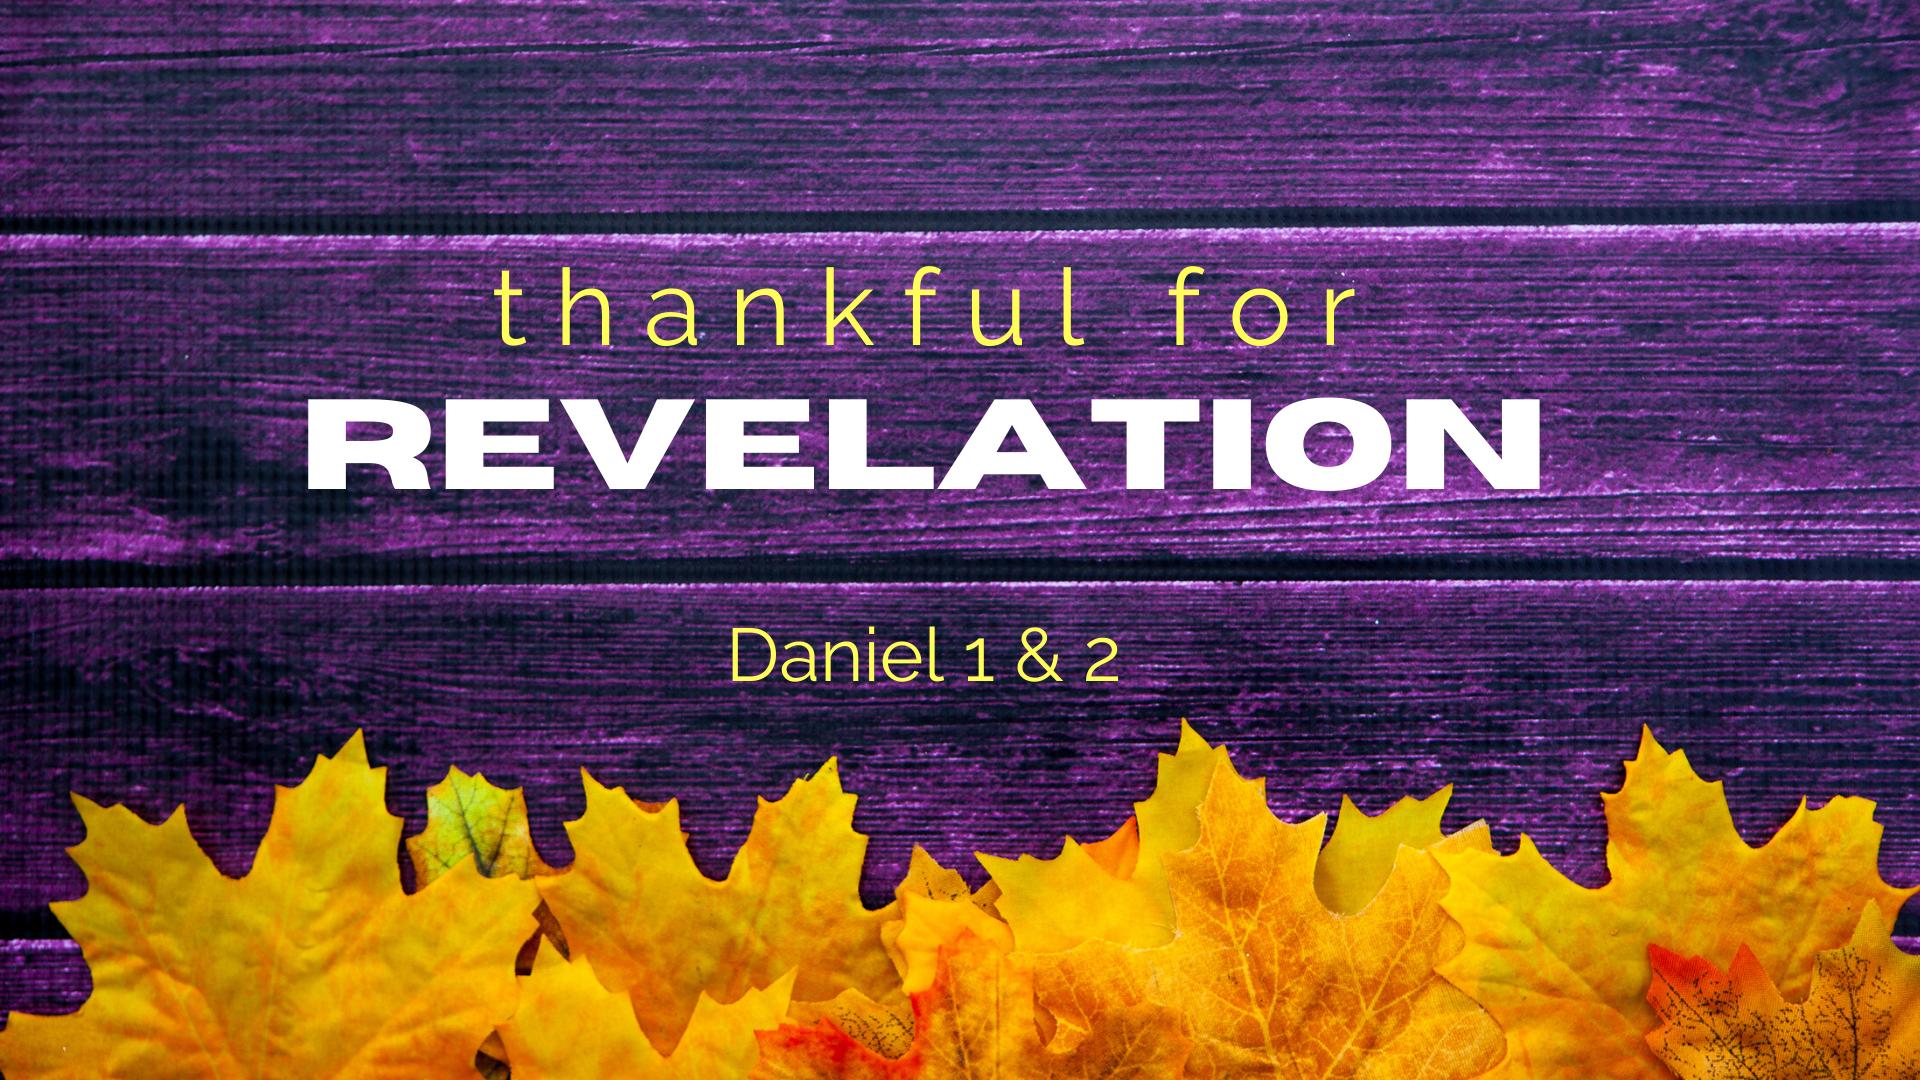 Thankful for Revelation